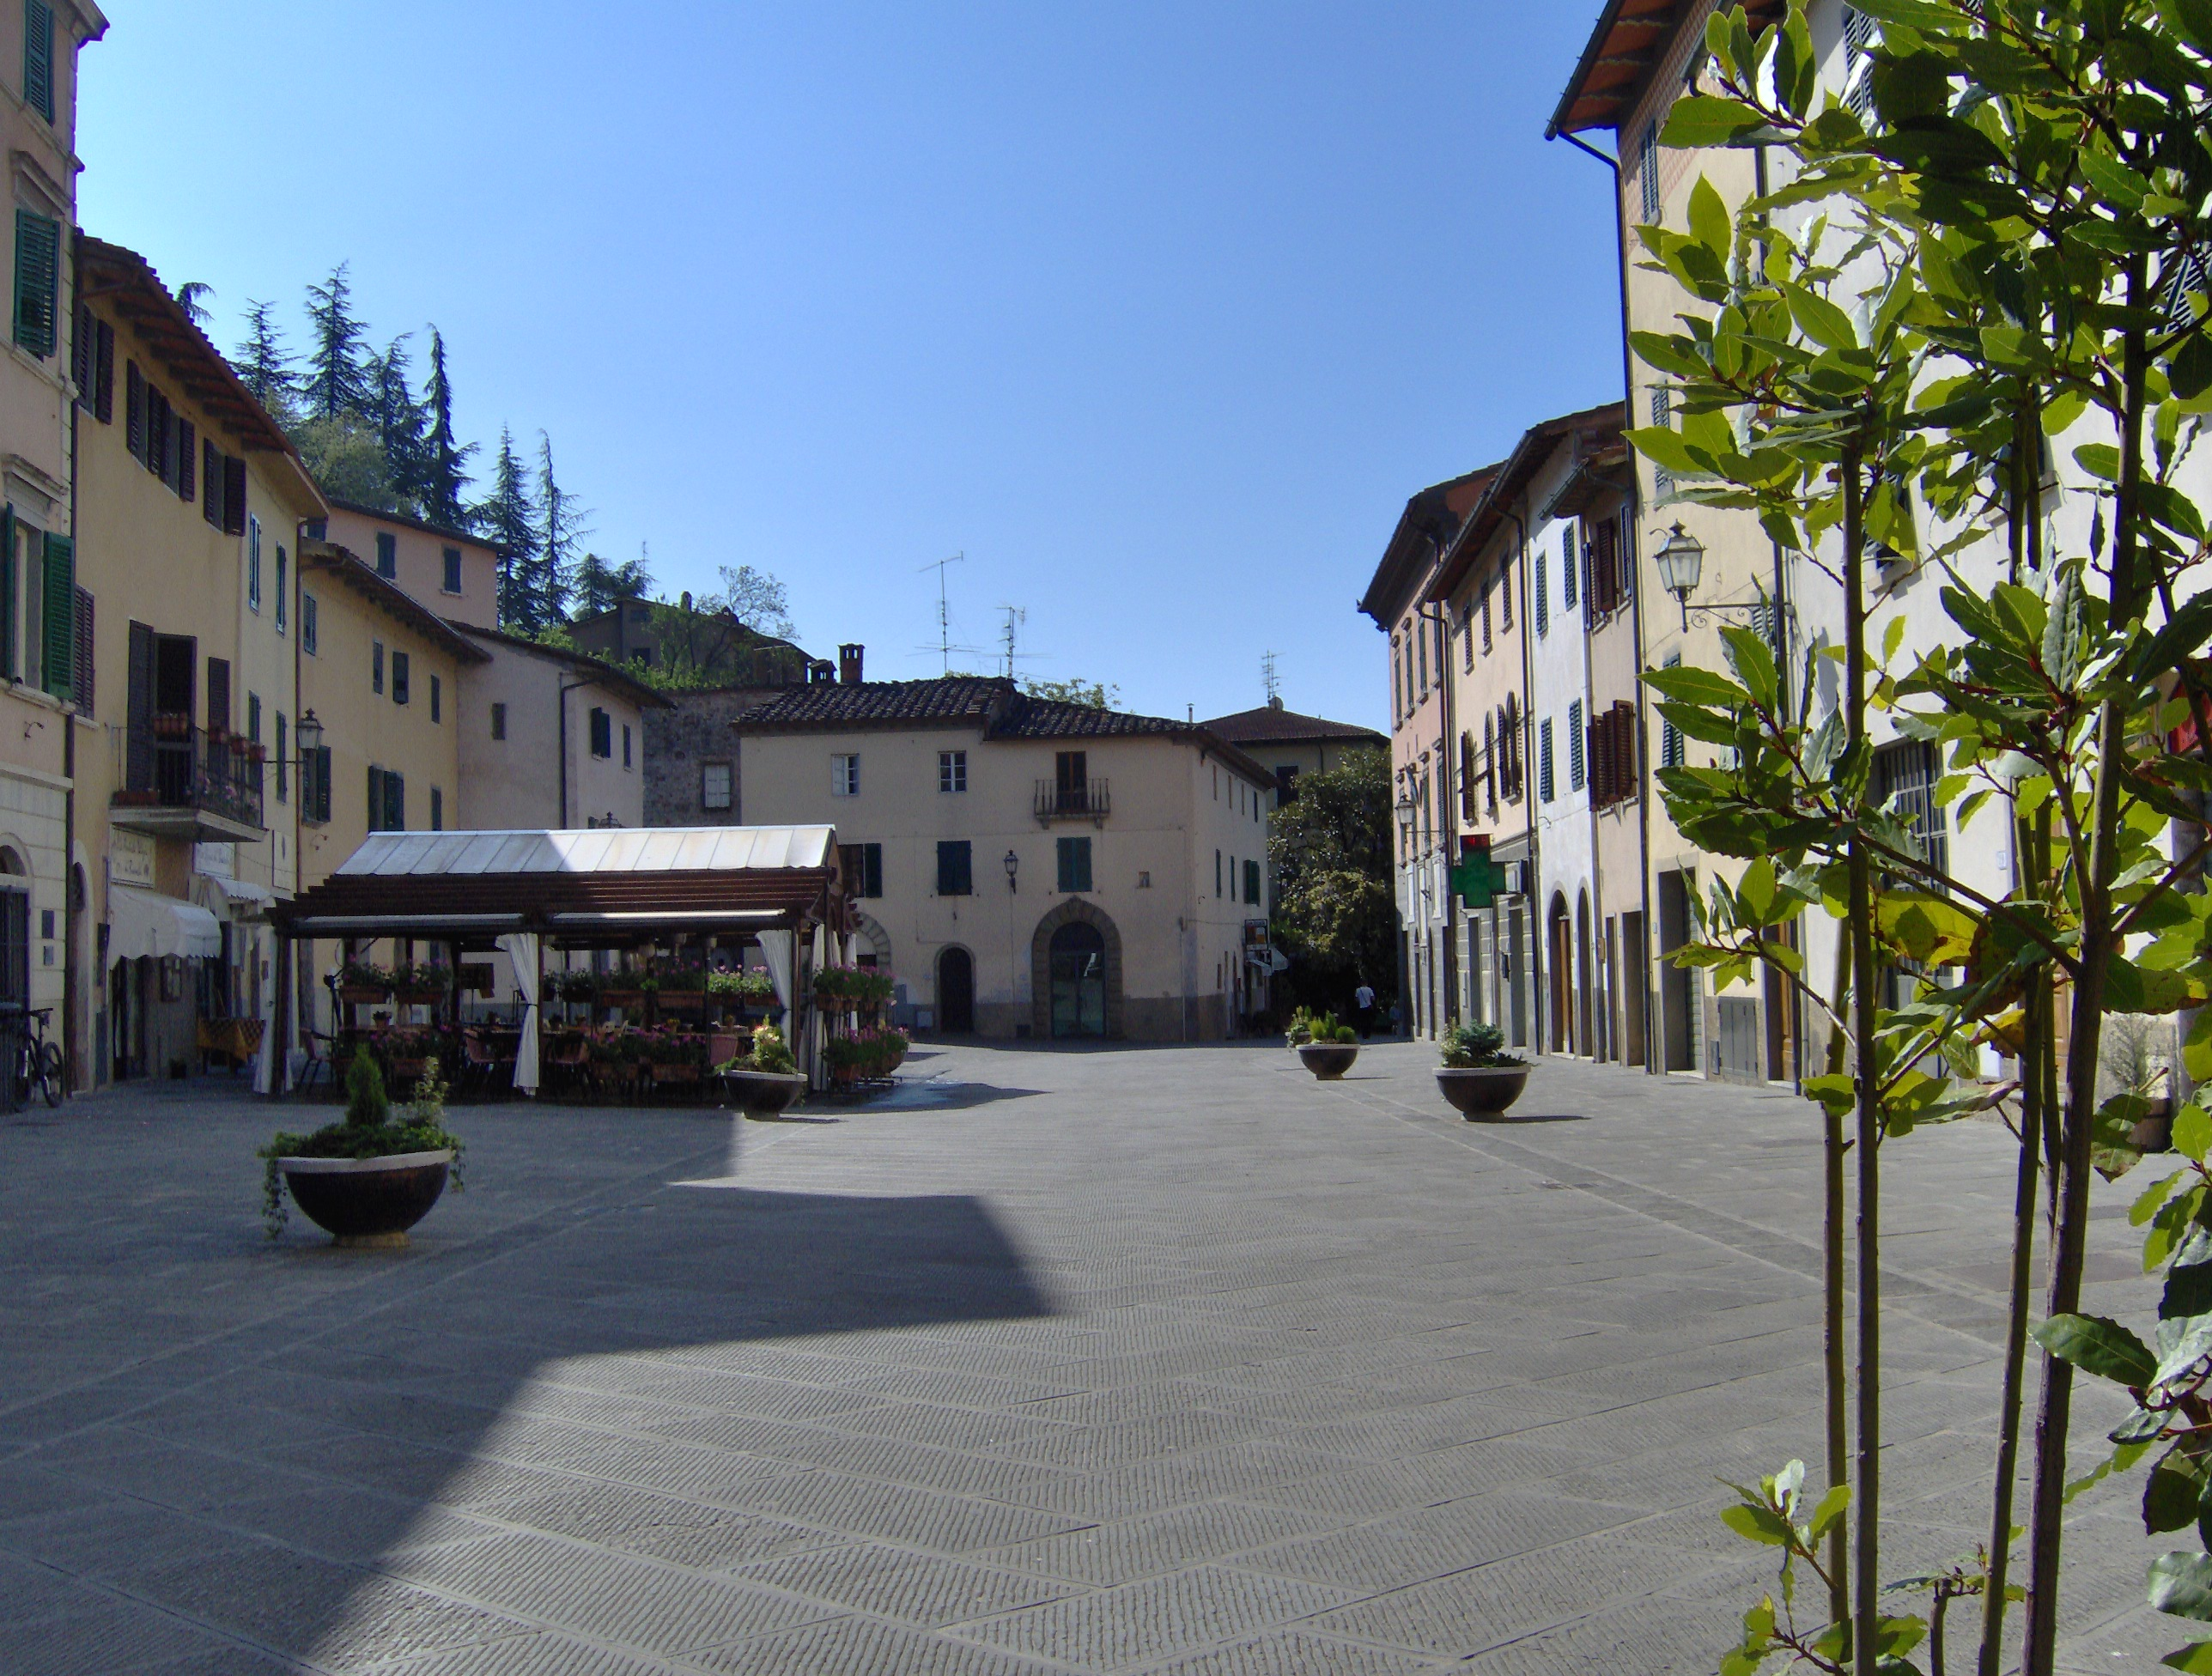 Gaiole In Chianti Italy  city pictures gallery : Description Via Bettino Ricasoli Gaiole in Chianti 2